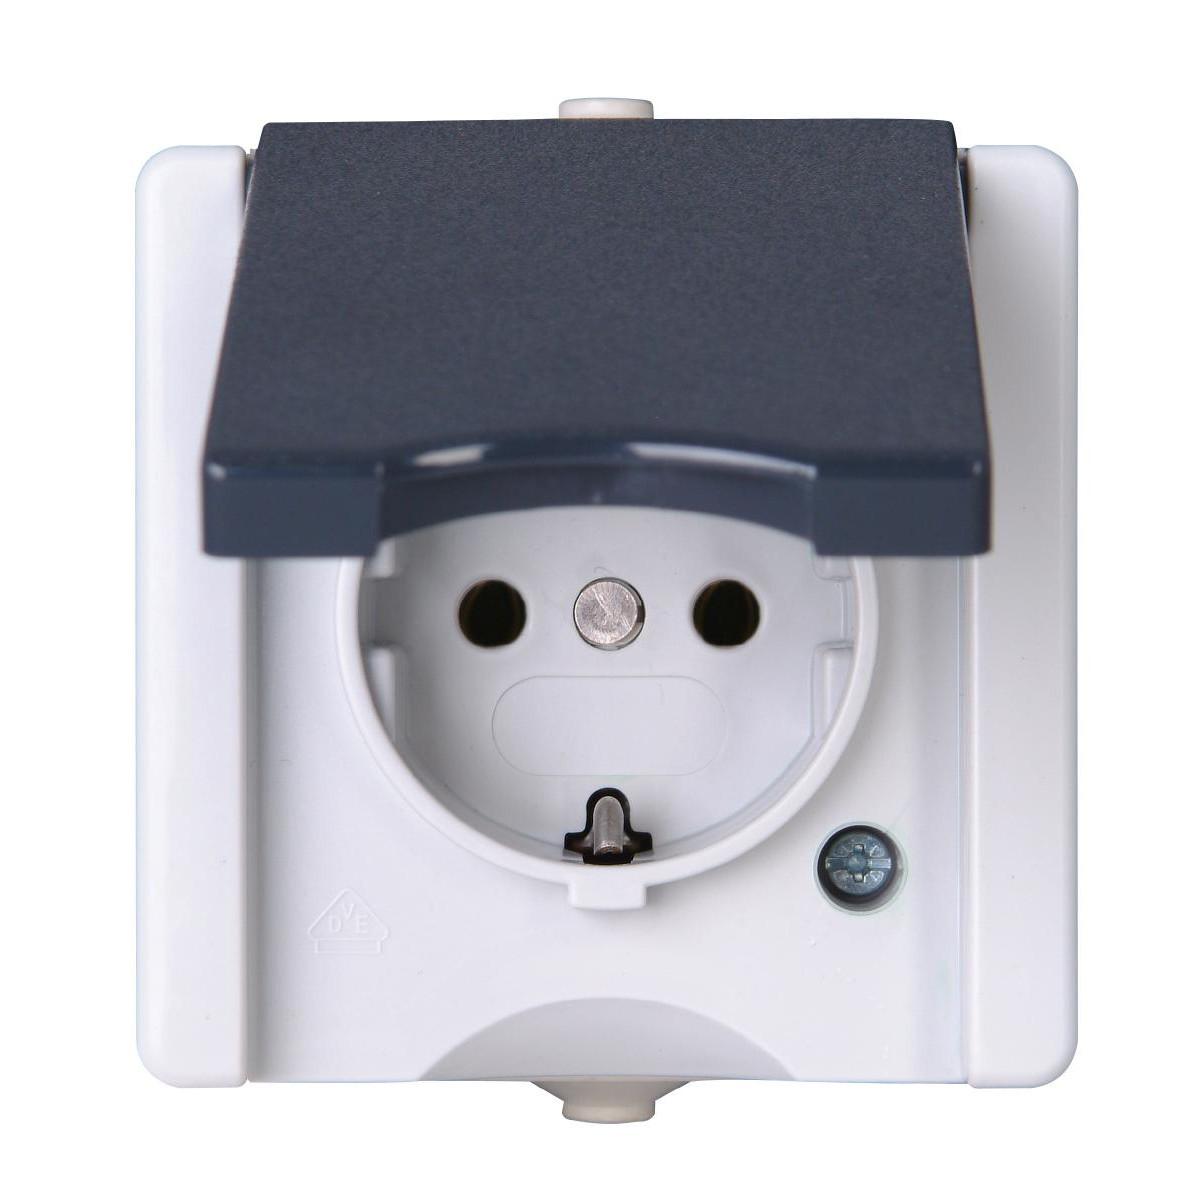 kopp feuchtraum schalter aufputz schutzkontakt steckdose. Black Bedroom Furniture Sets. Home Design Ideas